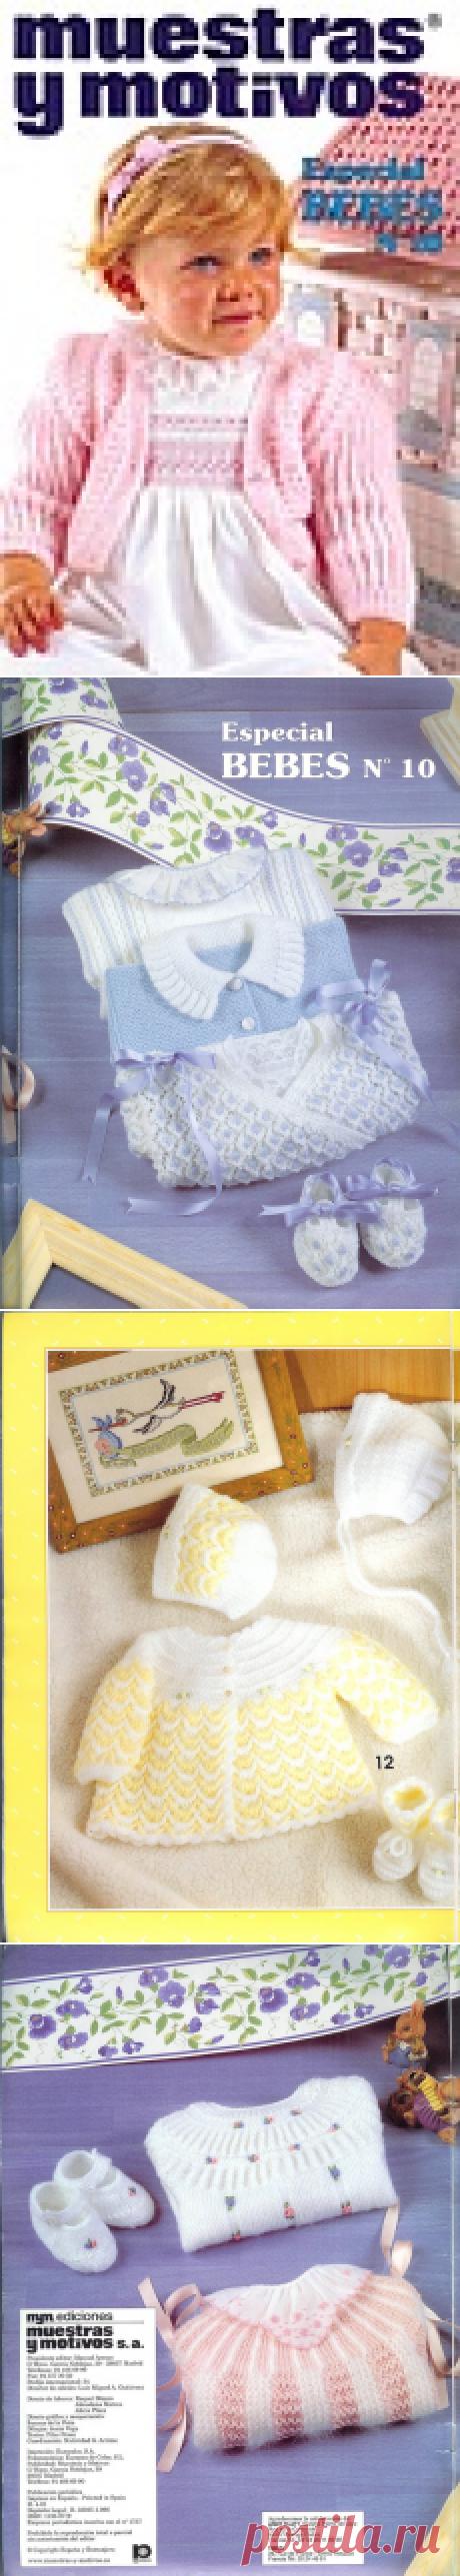 Журнал : muestras y motivos Especial Bebes 10 .